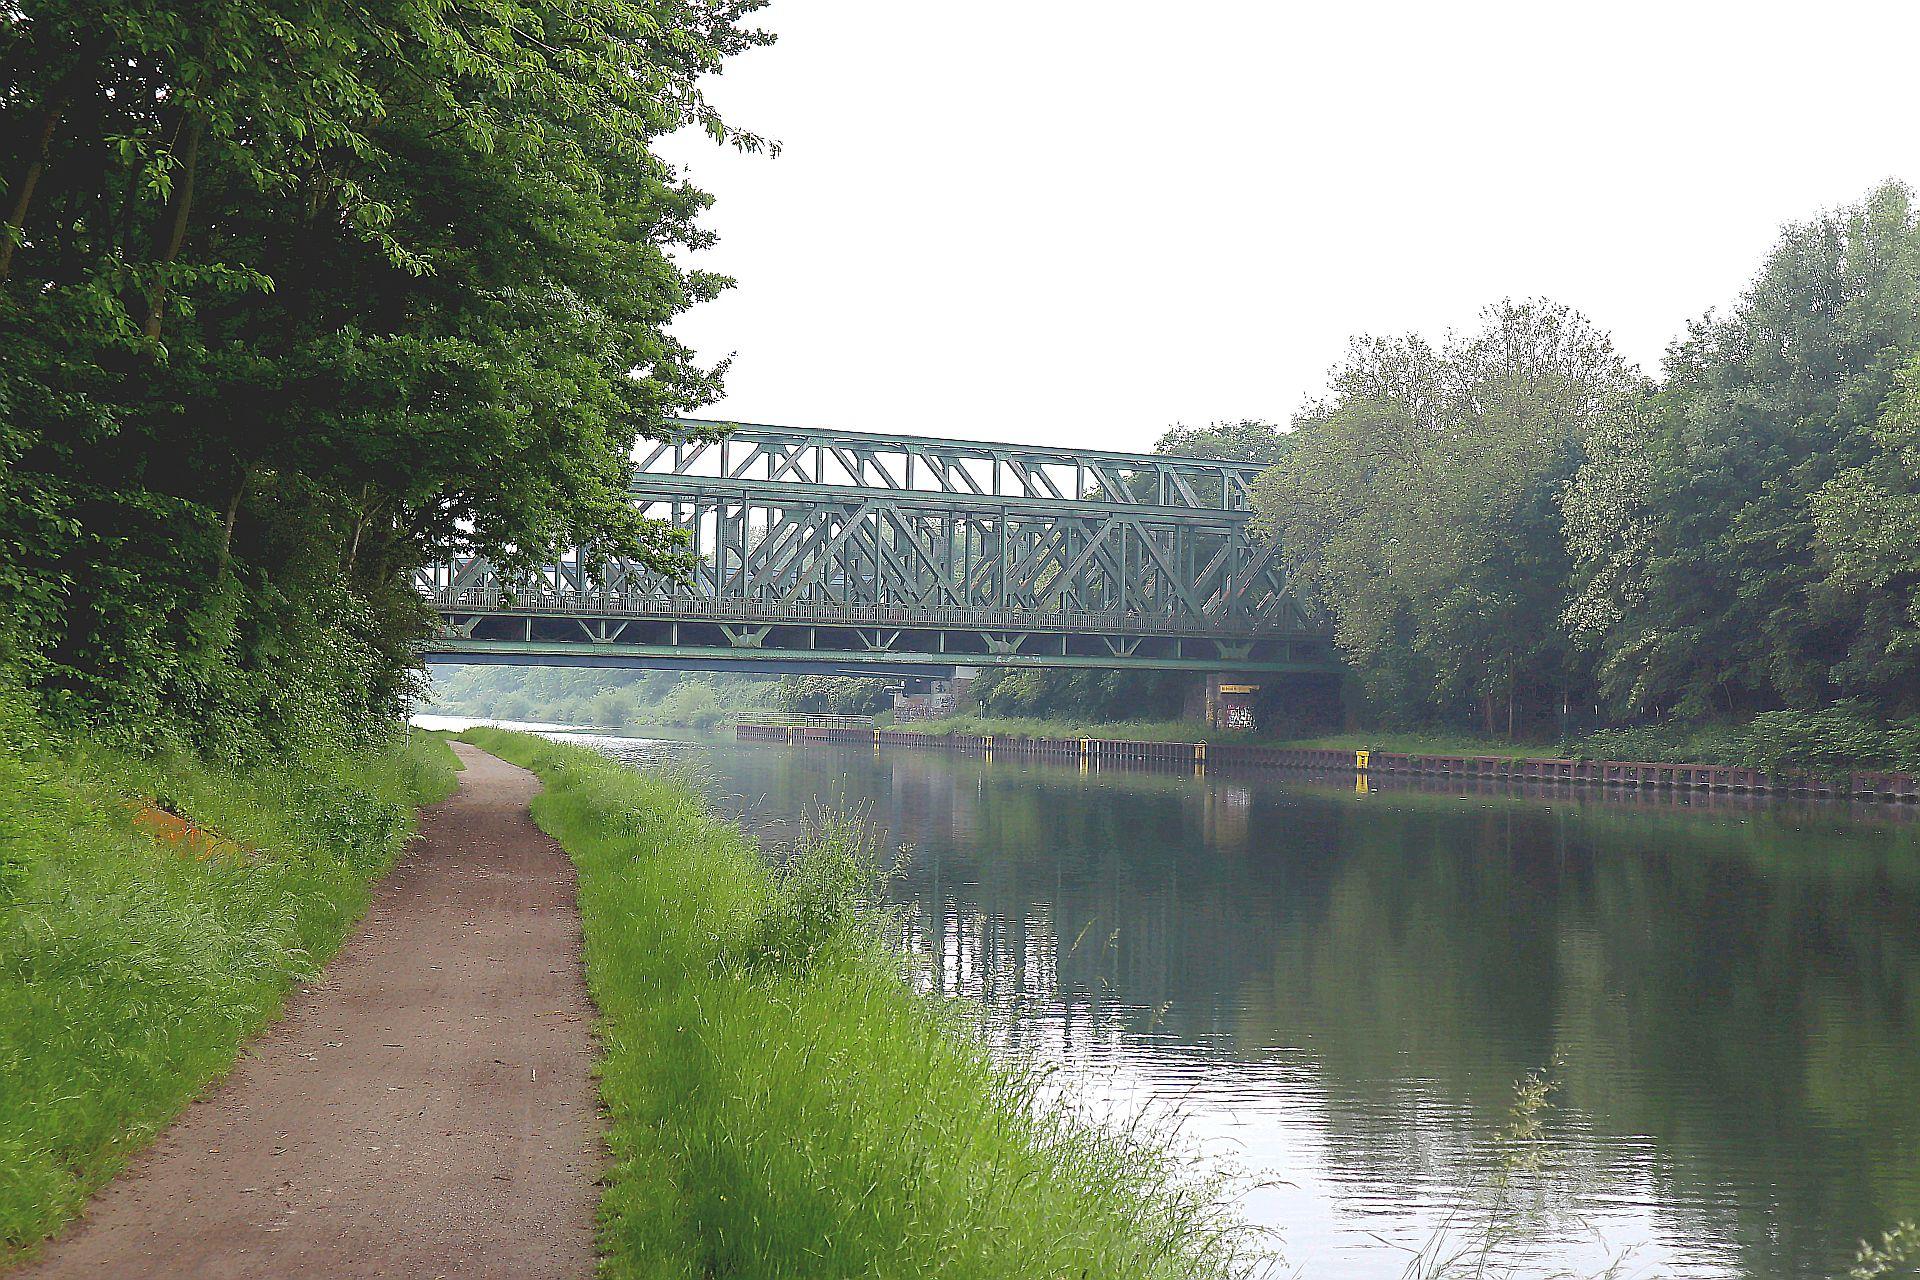 Am Kanal 240